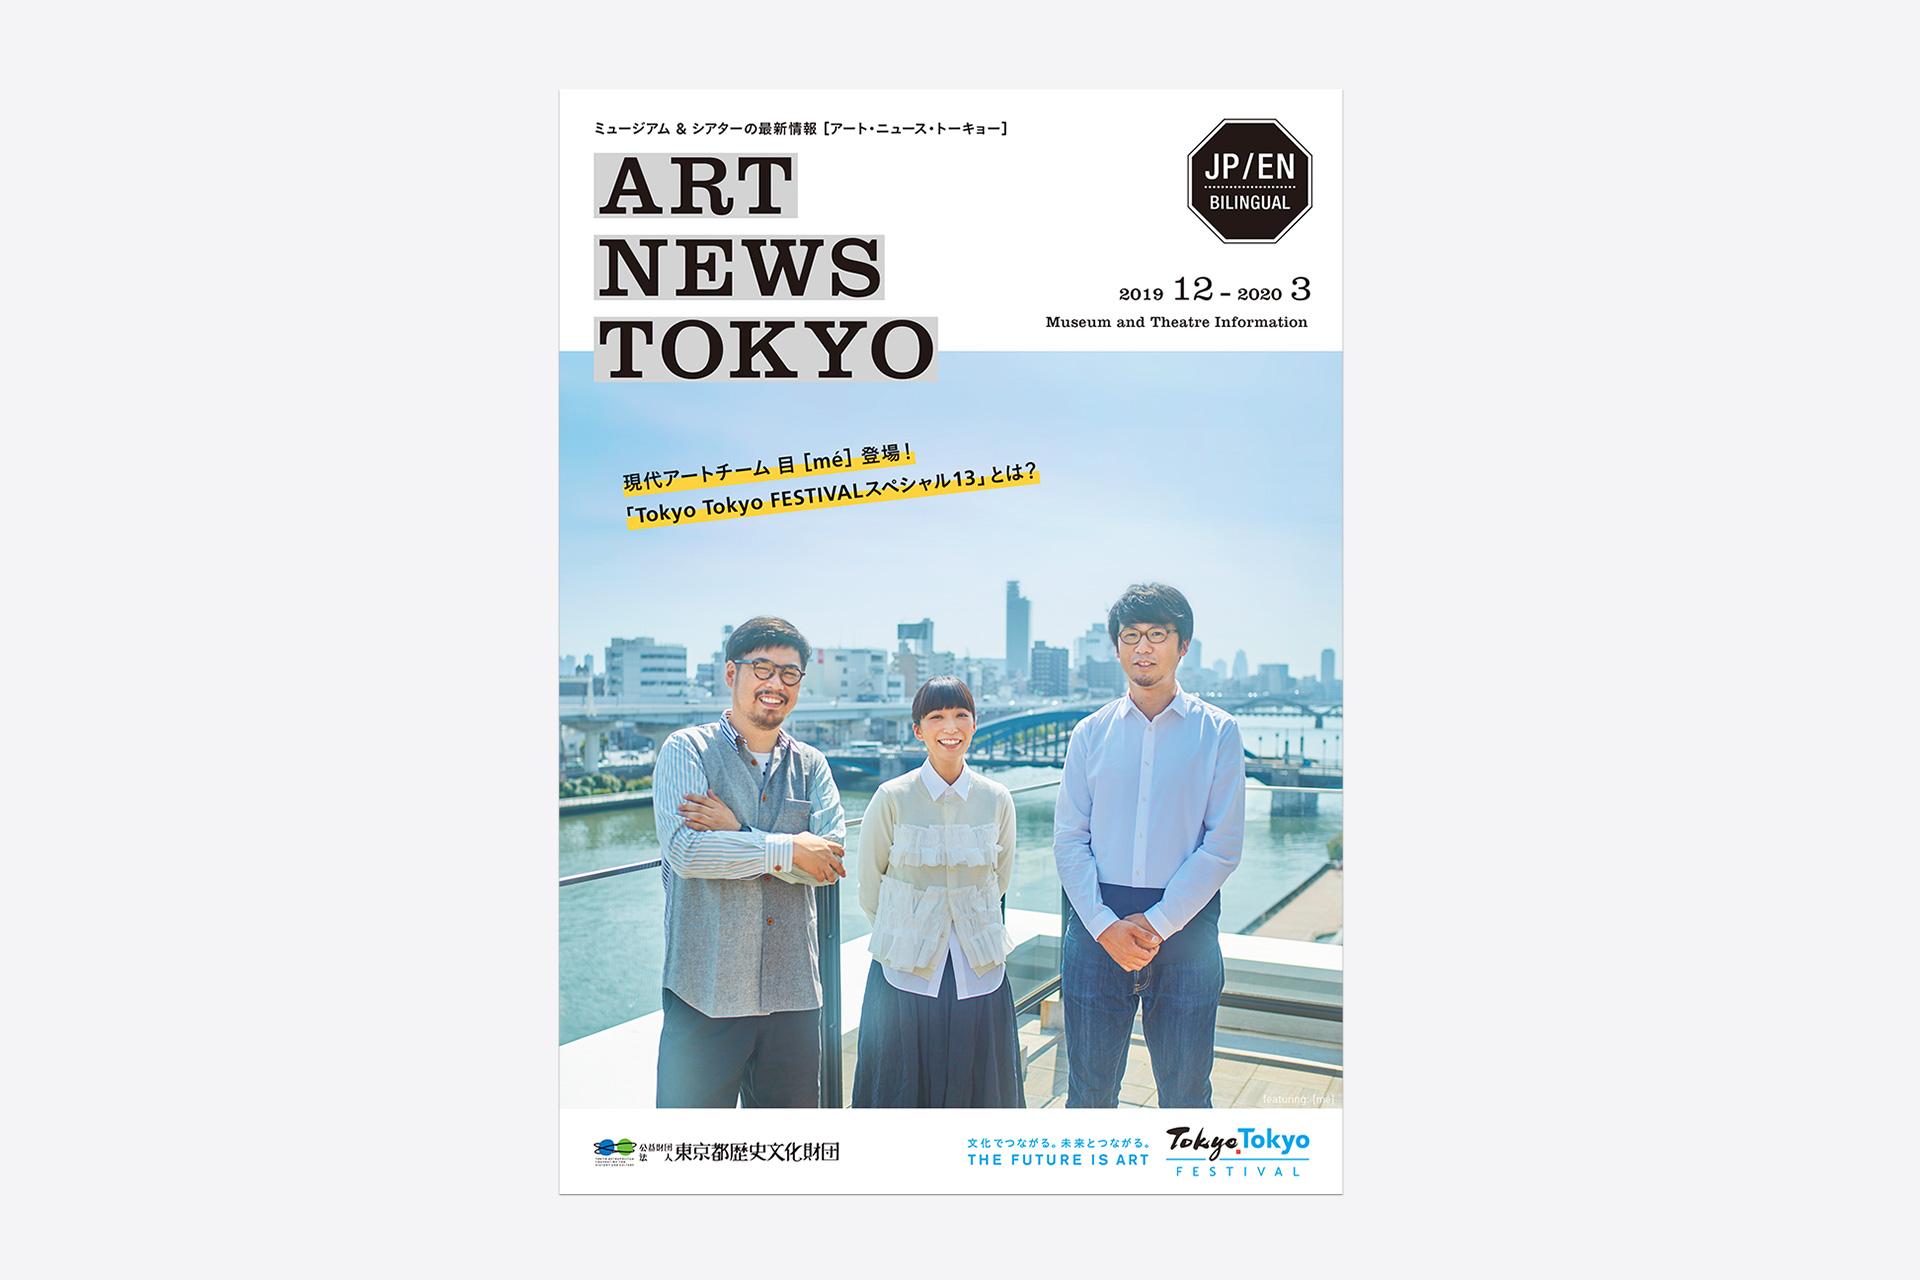 ART NEWS TOKYO 2019 12-2020 03